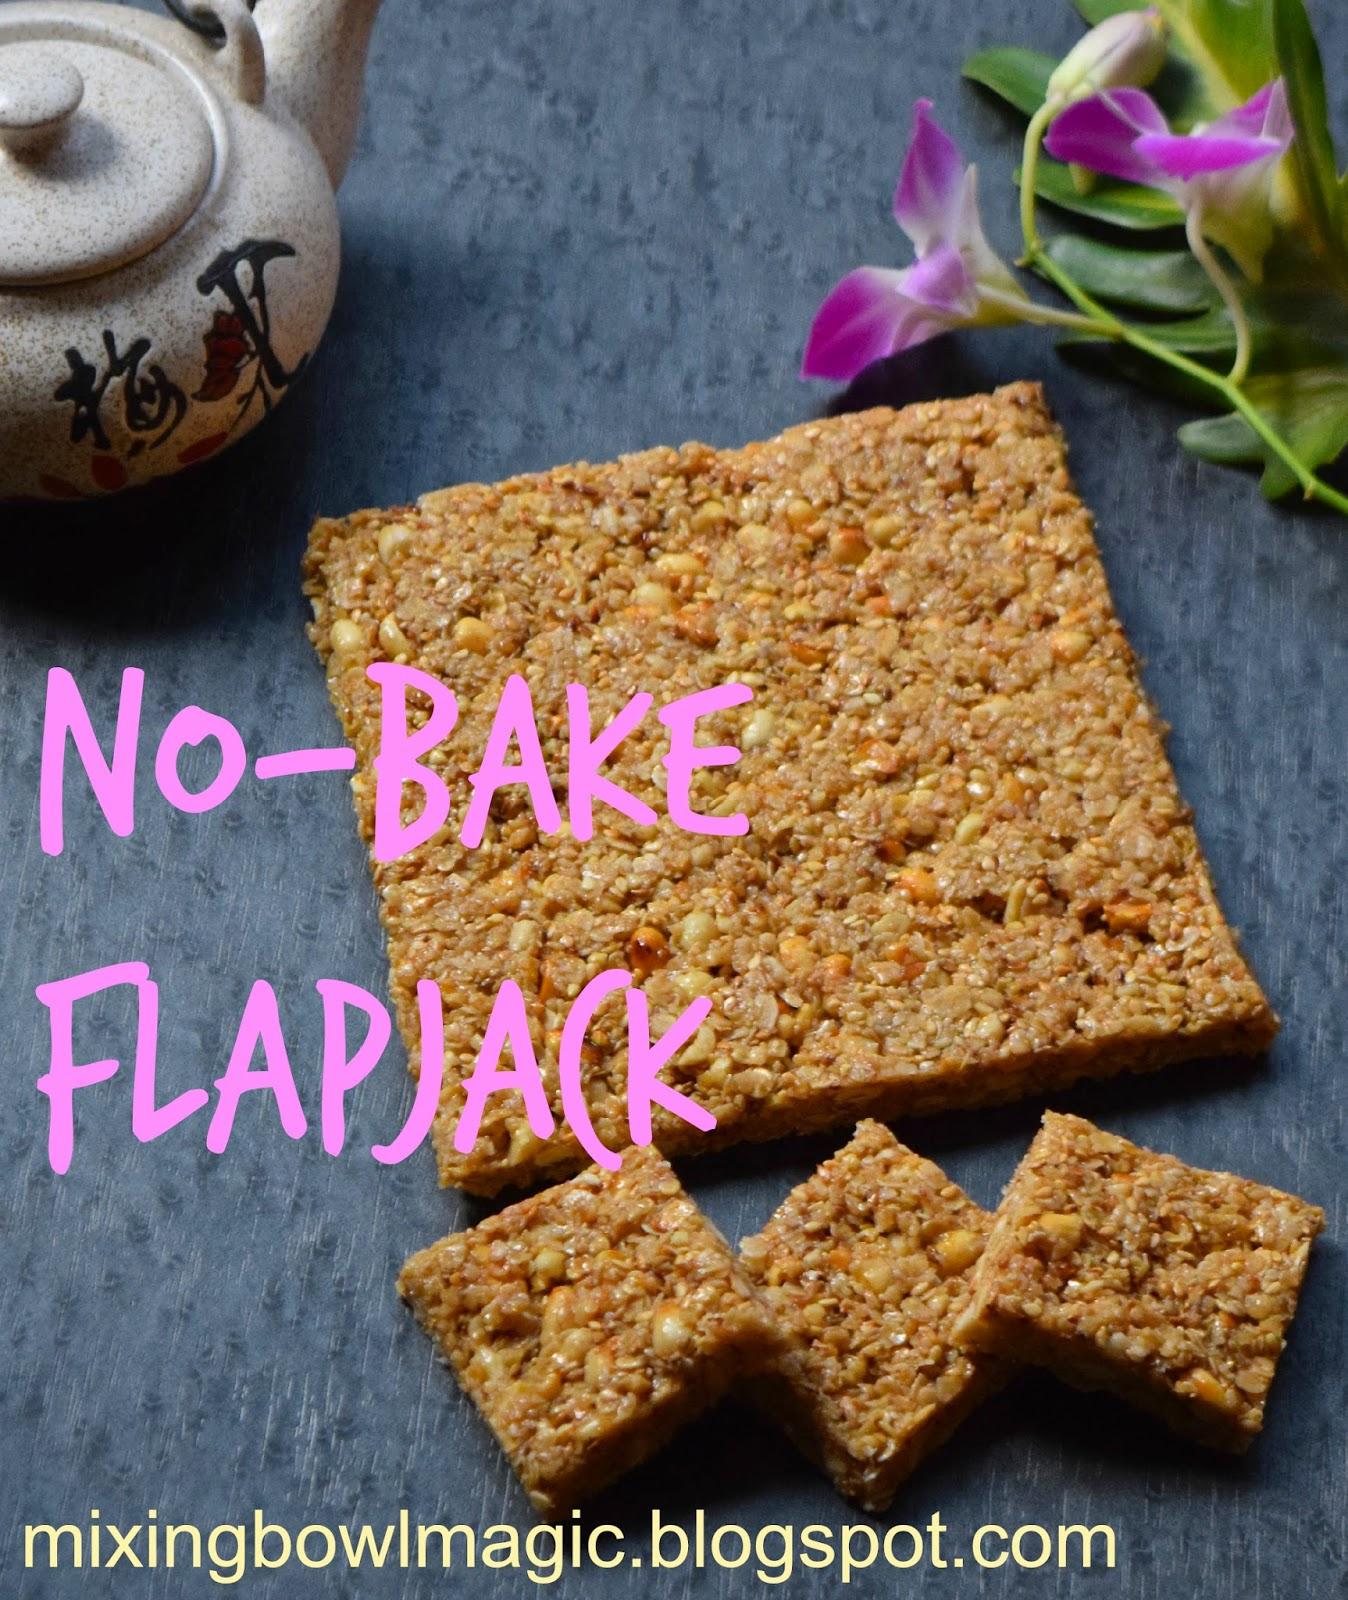 No-bake Flapjack